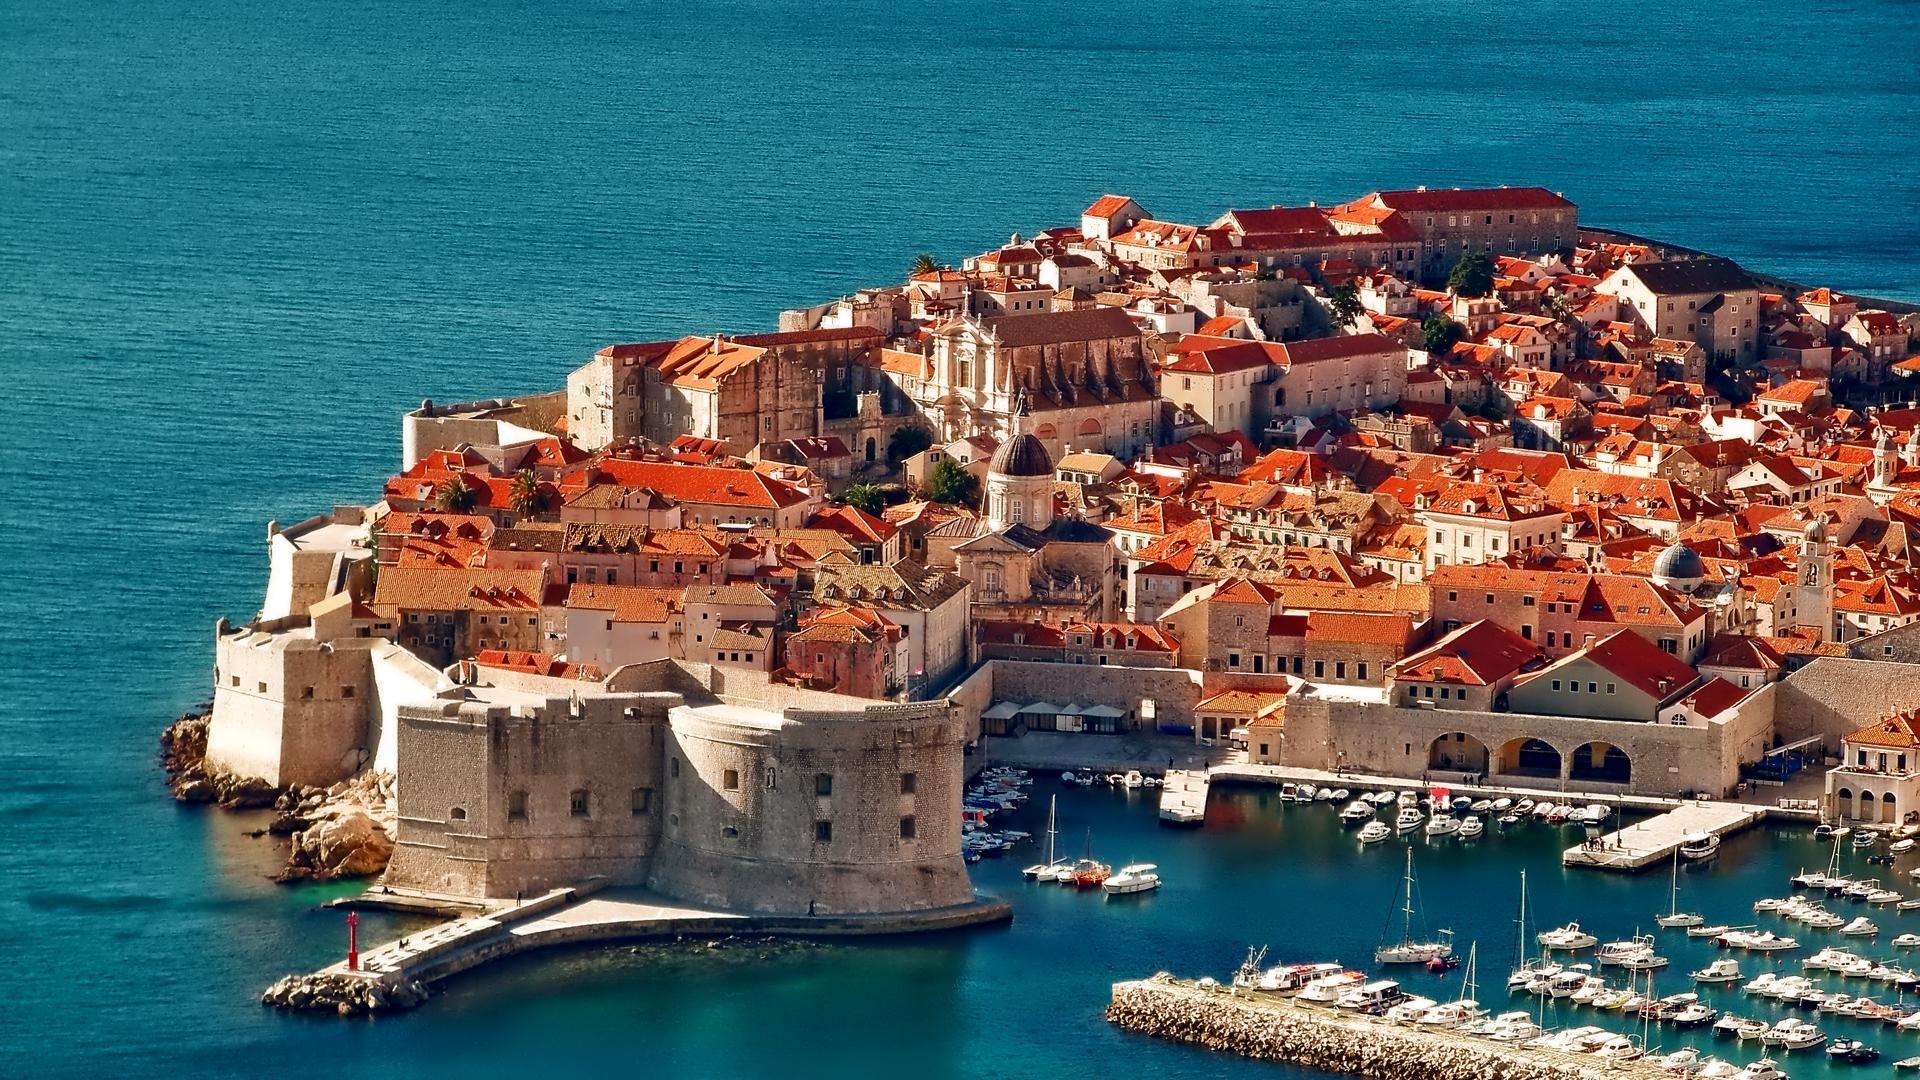 اهم 5 مدن سياحية في قبرص اليونانية